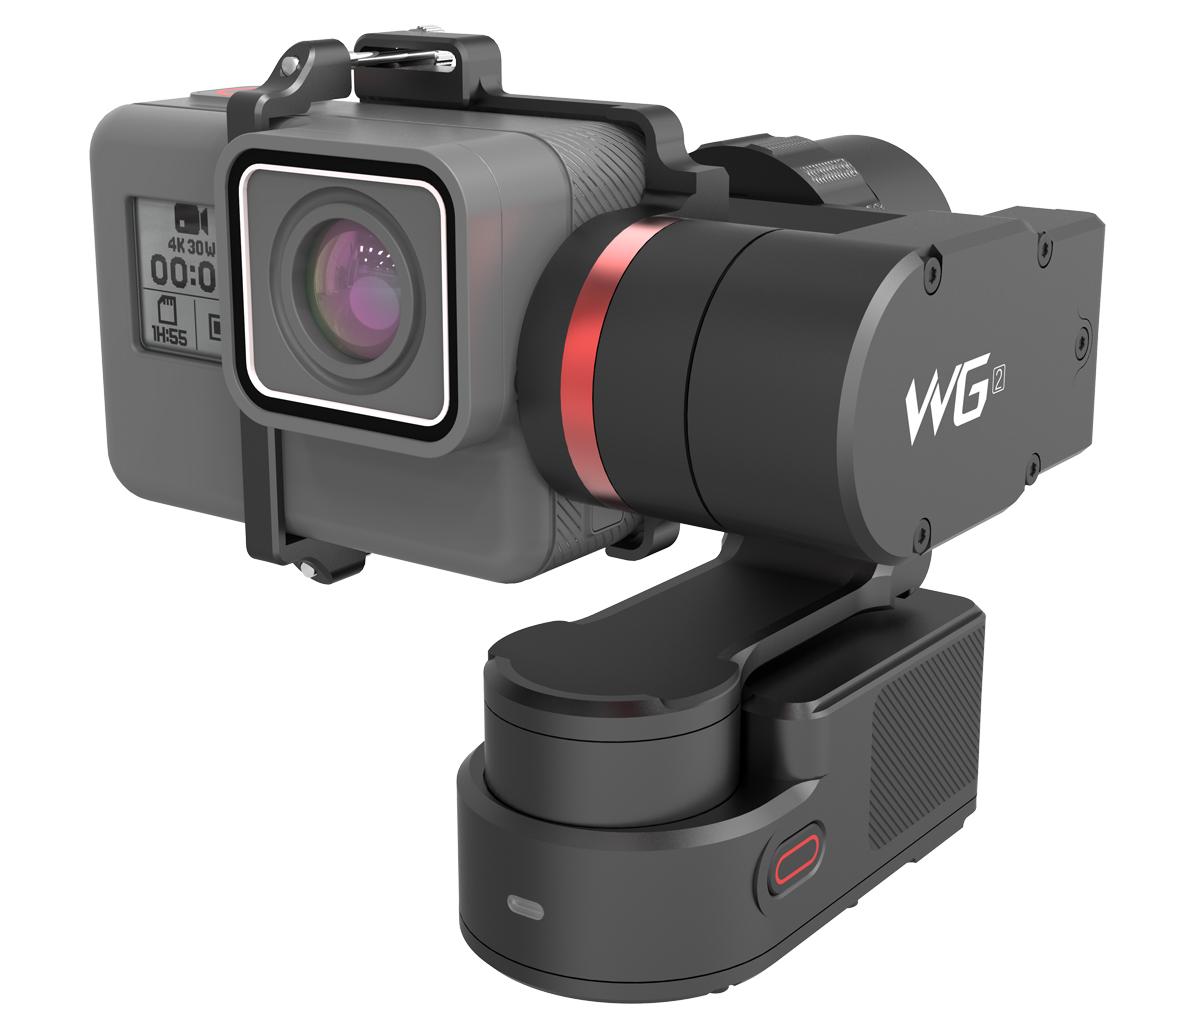 NYHET: FeiyuTech WG2 er en bærbar kamerastabilisator som fungerer med de aller fleste actionkameraer.